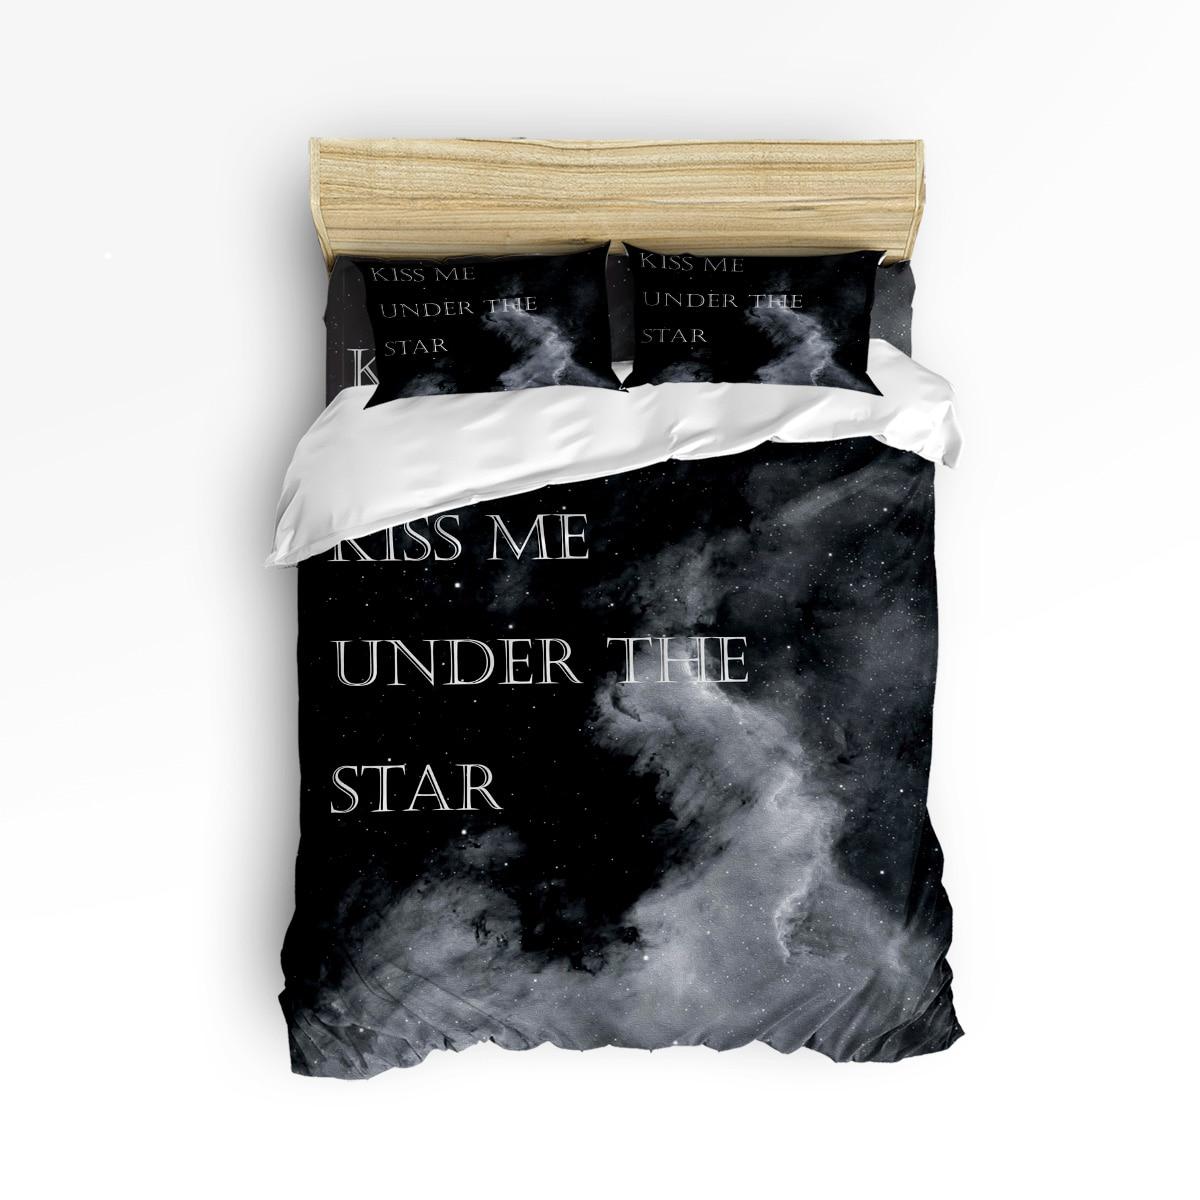 Embrasse-moi sous la Star ensembles de literie Romatic 3/4 pièces motif géométrique doublures de lit housse de couette drap de lit taies d'oreiller ensemble de couverture